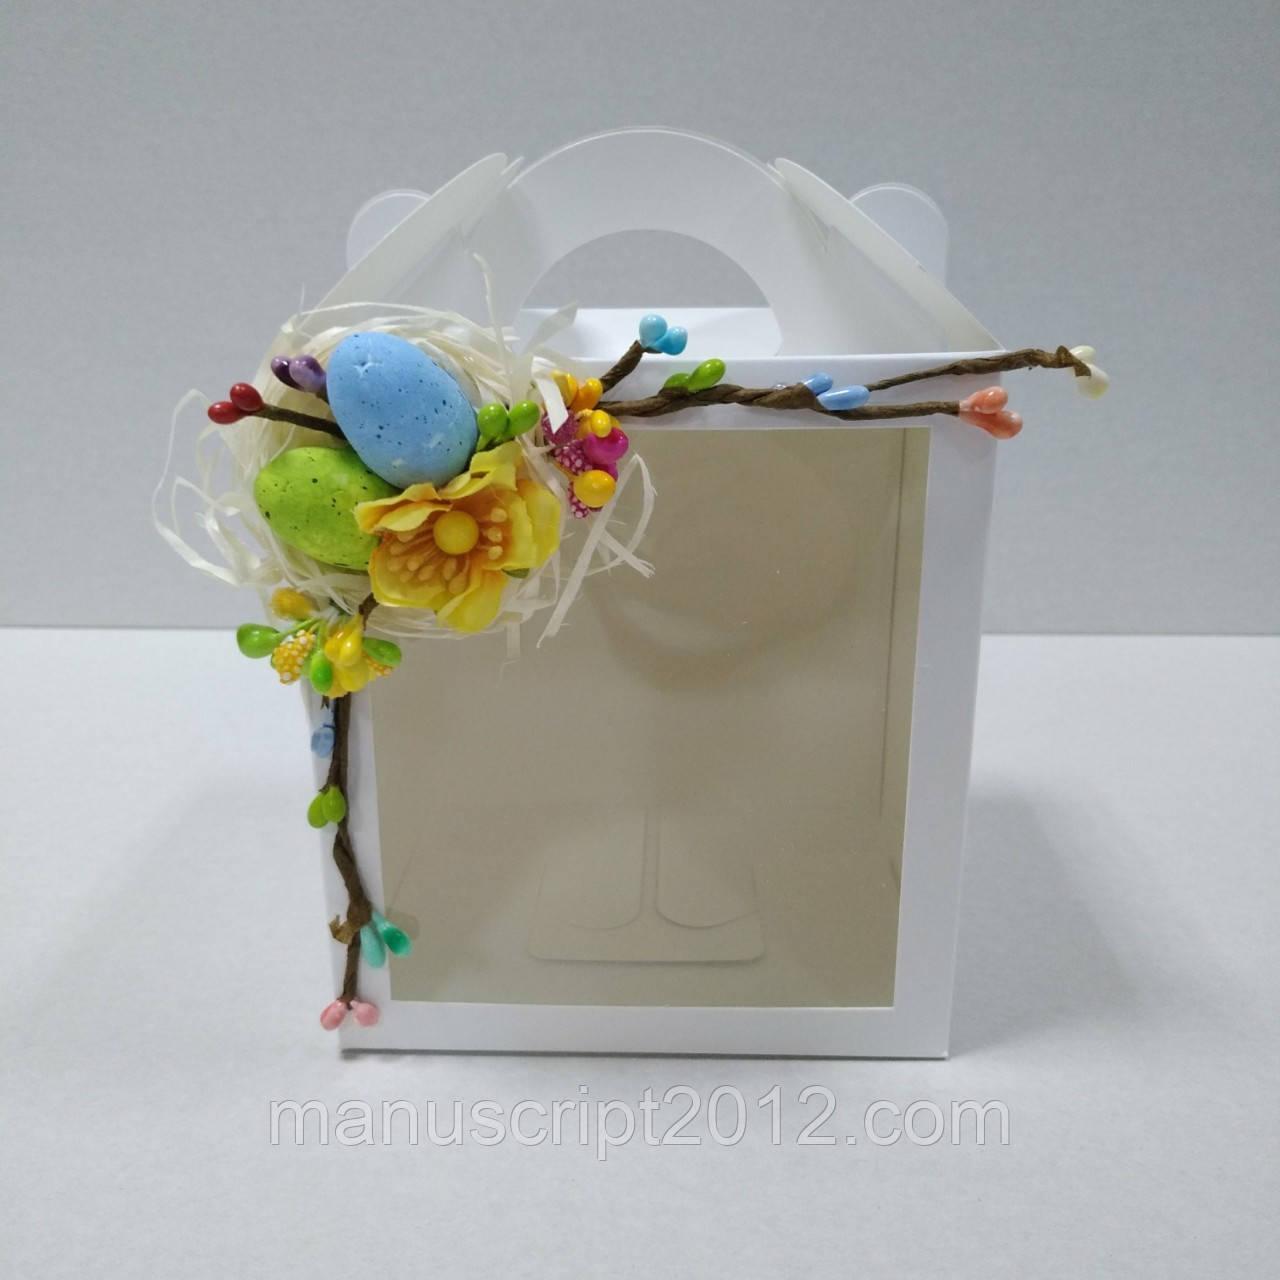 Коробка для кулича, пряничного домика, подарка 11,5х12х14 см. с декором